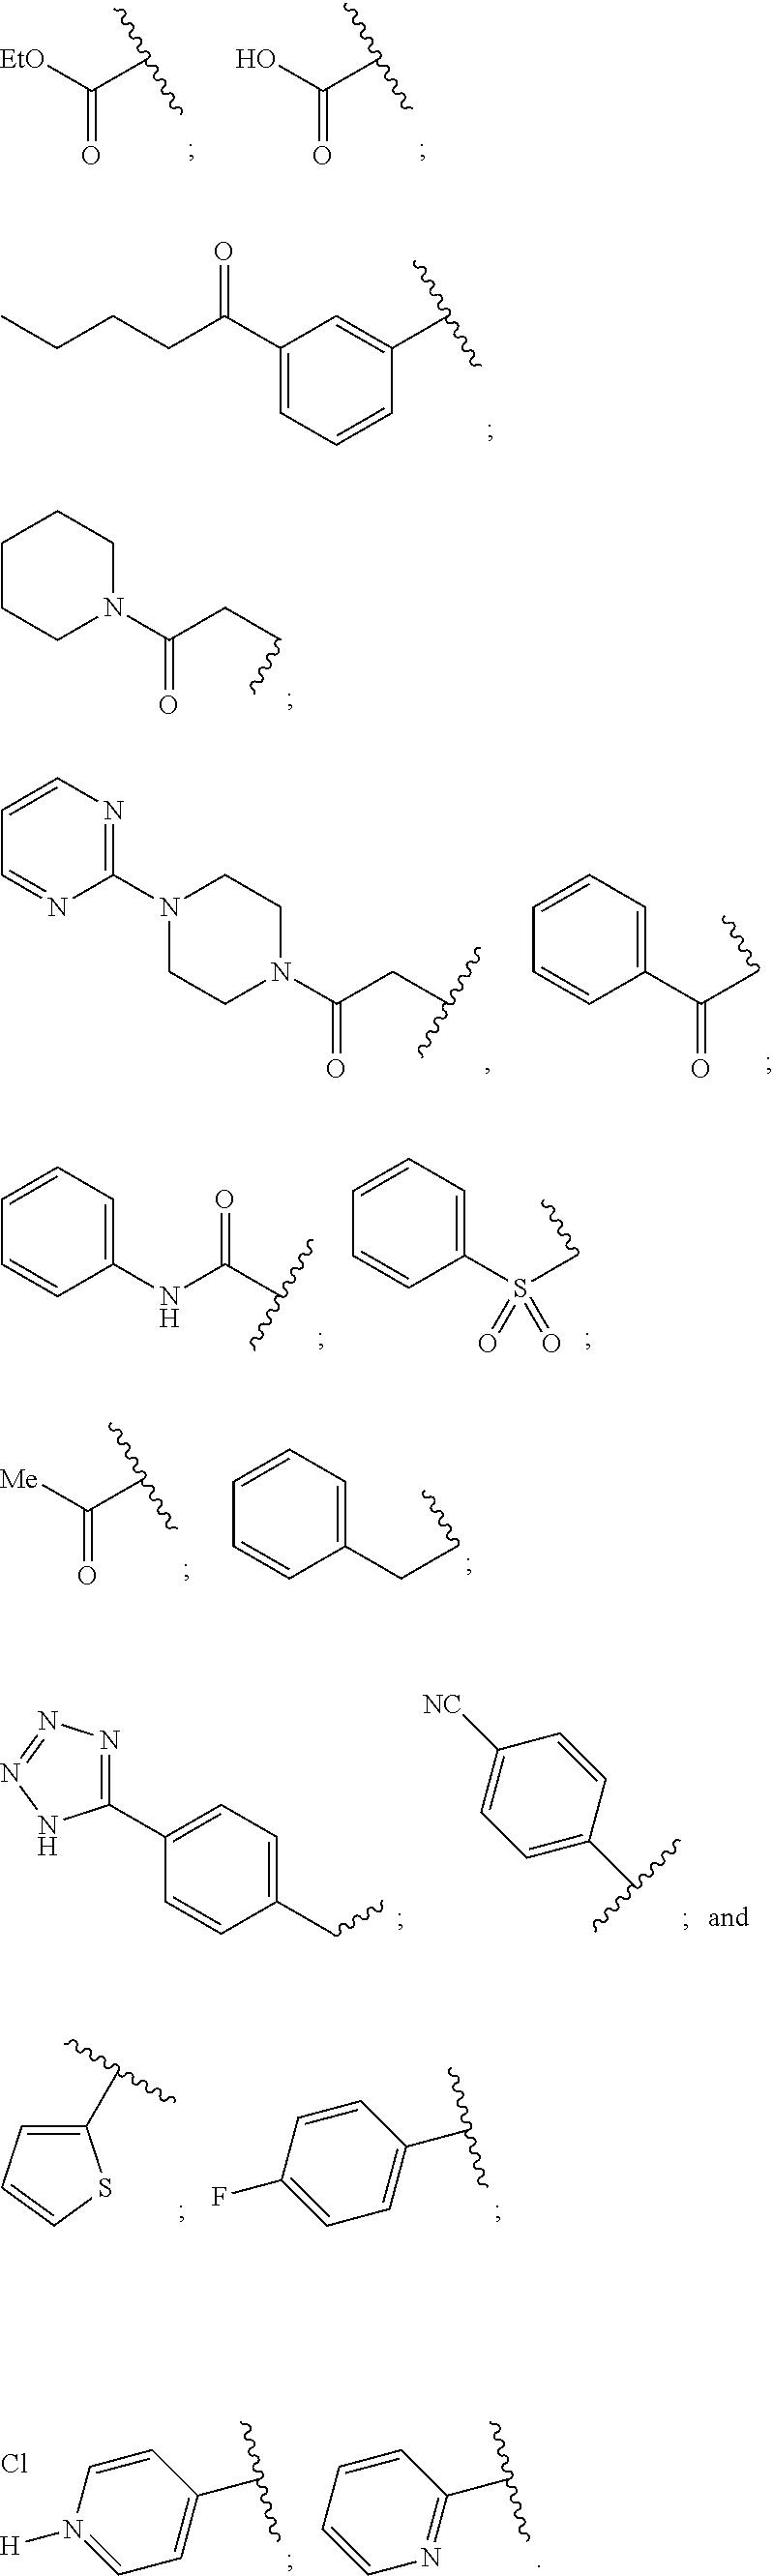 Figure US09566289-20170214-C00160